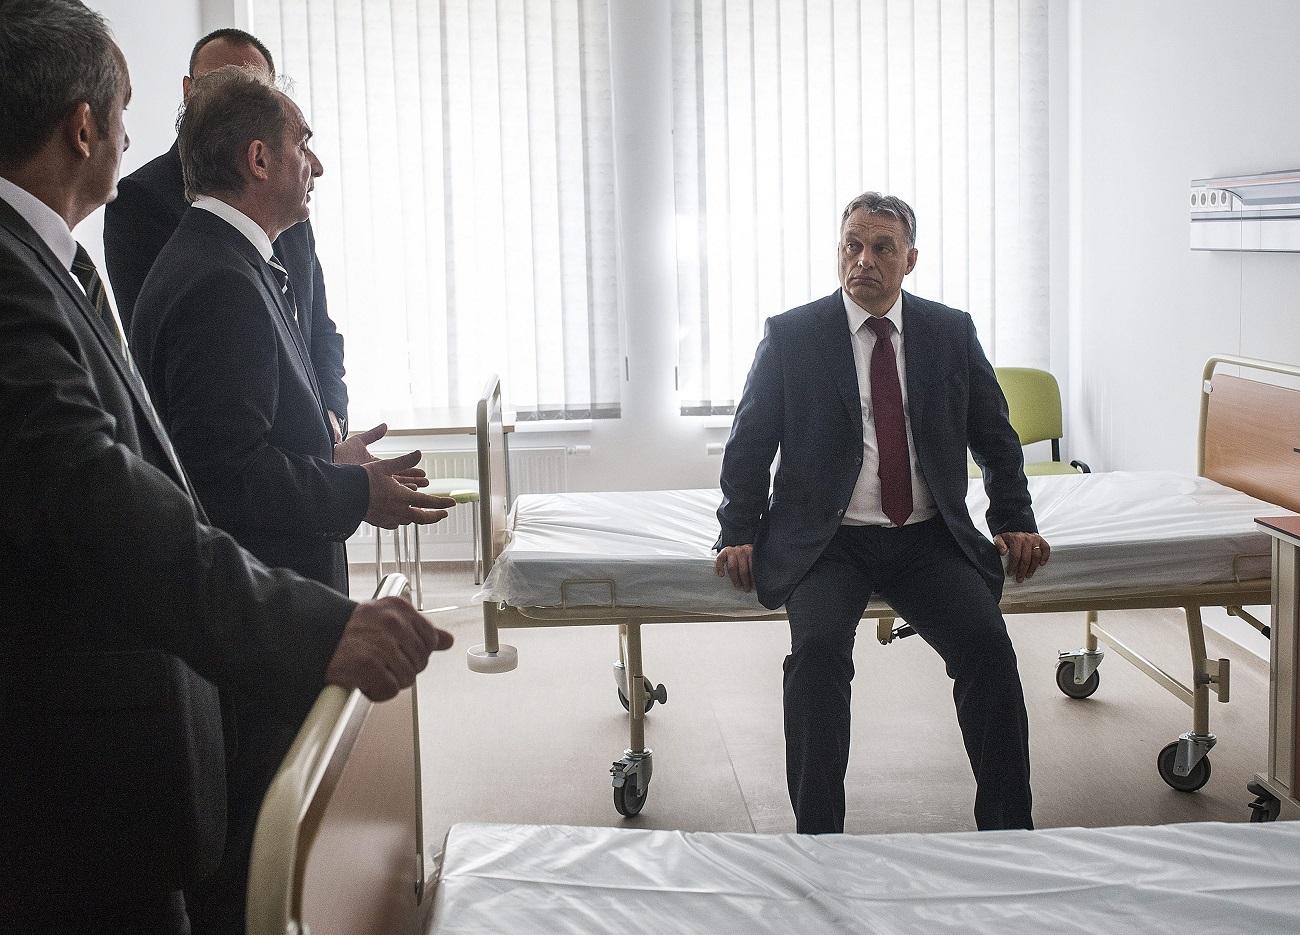 Az ellenzék eltörölte volna az állami vezetők kórházi VIP-ellátását, de a Fidesz-KDNP lesöpörte a javaslatot